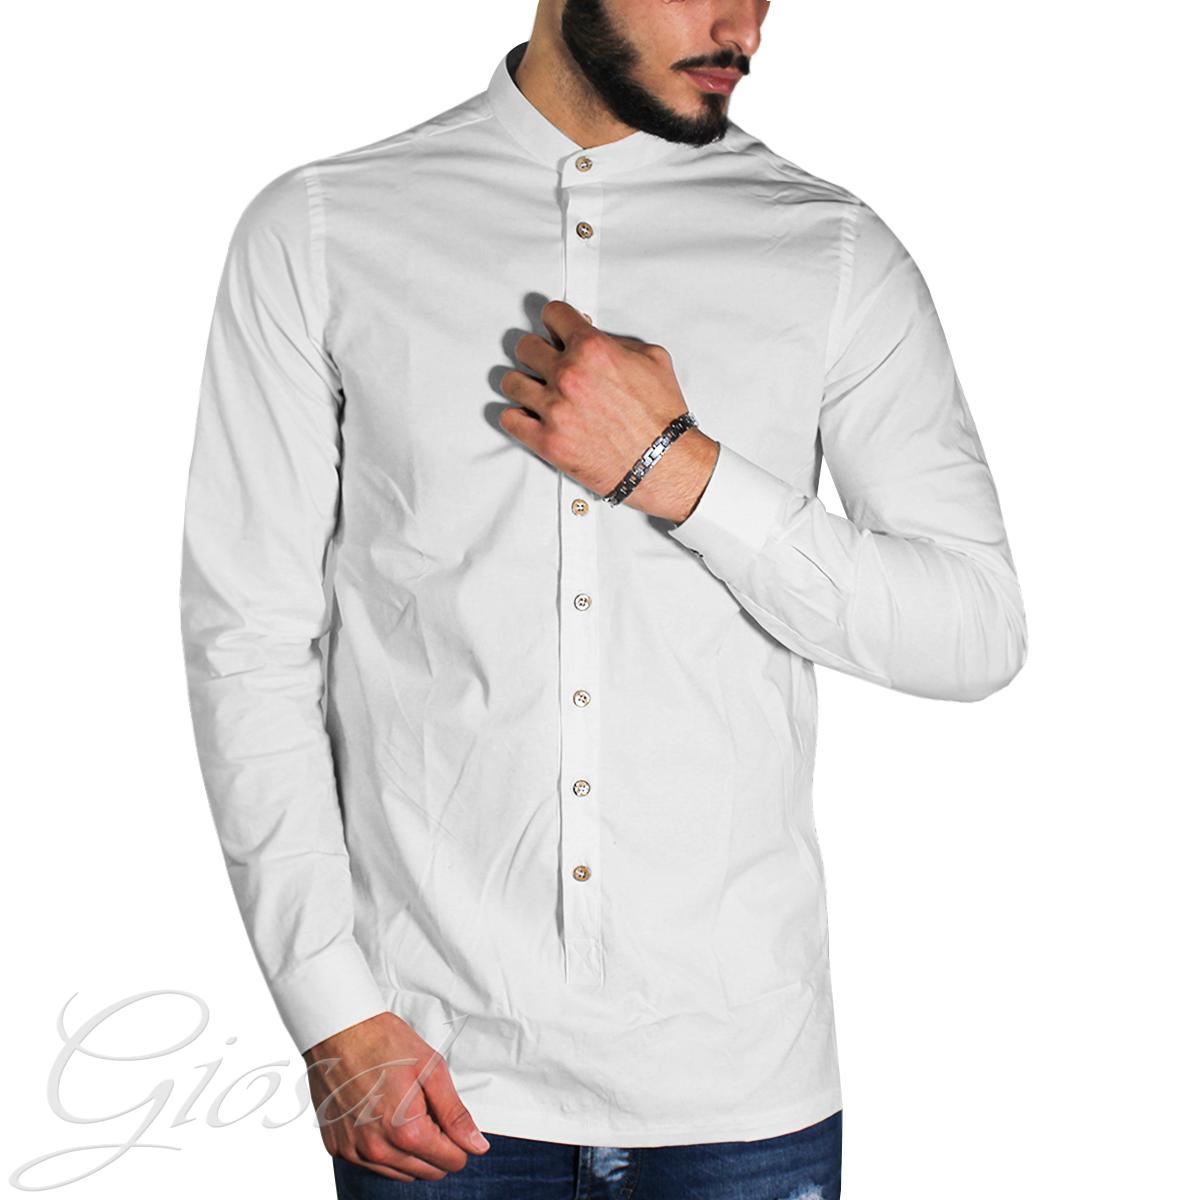 Camicia-Uomo-Over-D-Bottoni-Collo-Coreano-Tinta-Unita-Vari-Colori-Casual-GIOSAL miniatura 10